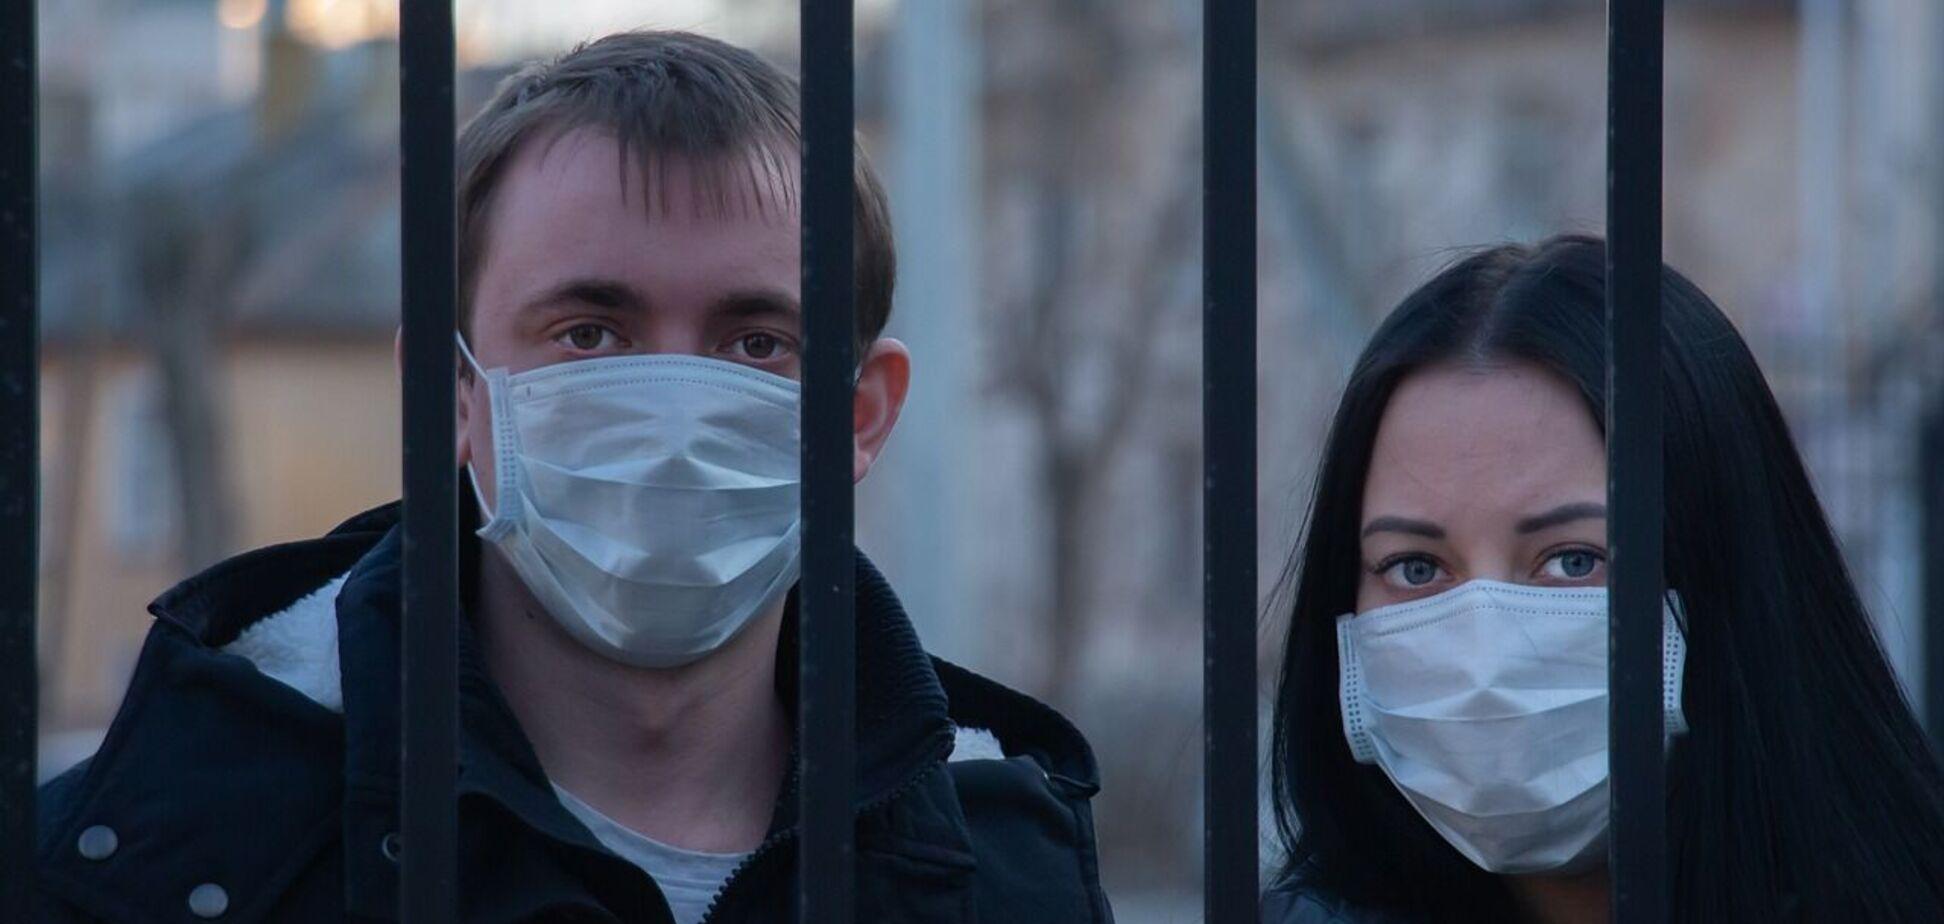 Украина возвращается к адаптивному карантину: Ляшко детально рассказал о новом 'светофоре'